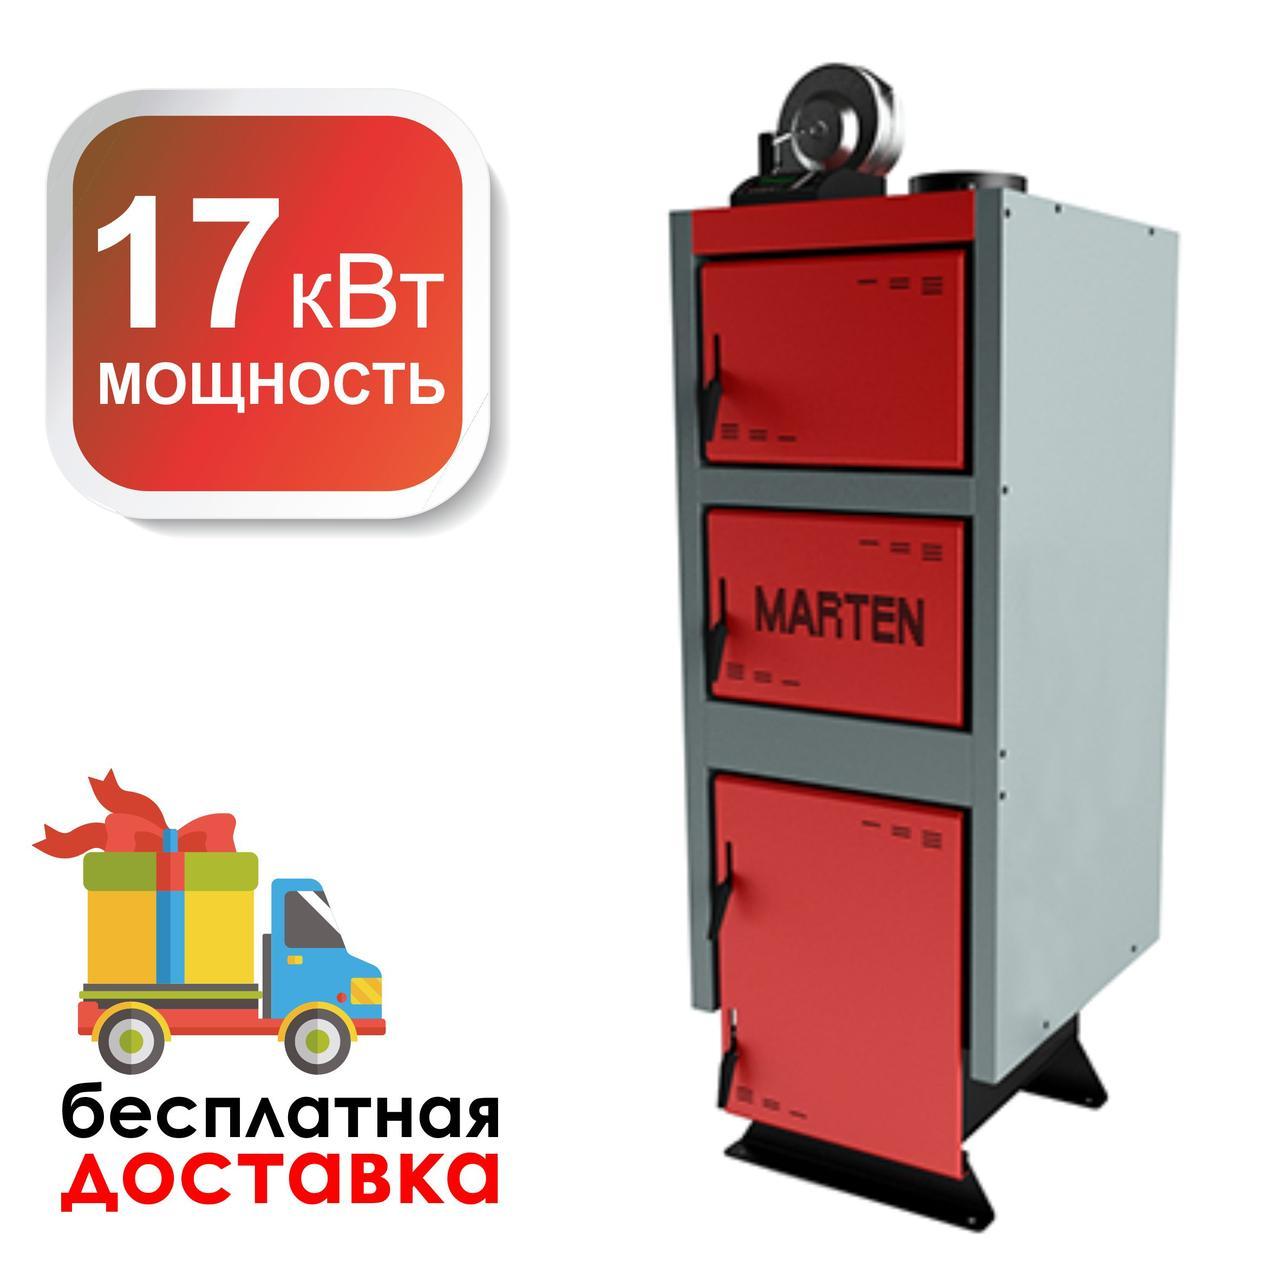 Котел твердотопливный длительного горения Marten Comfort MC 17